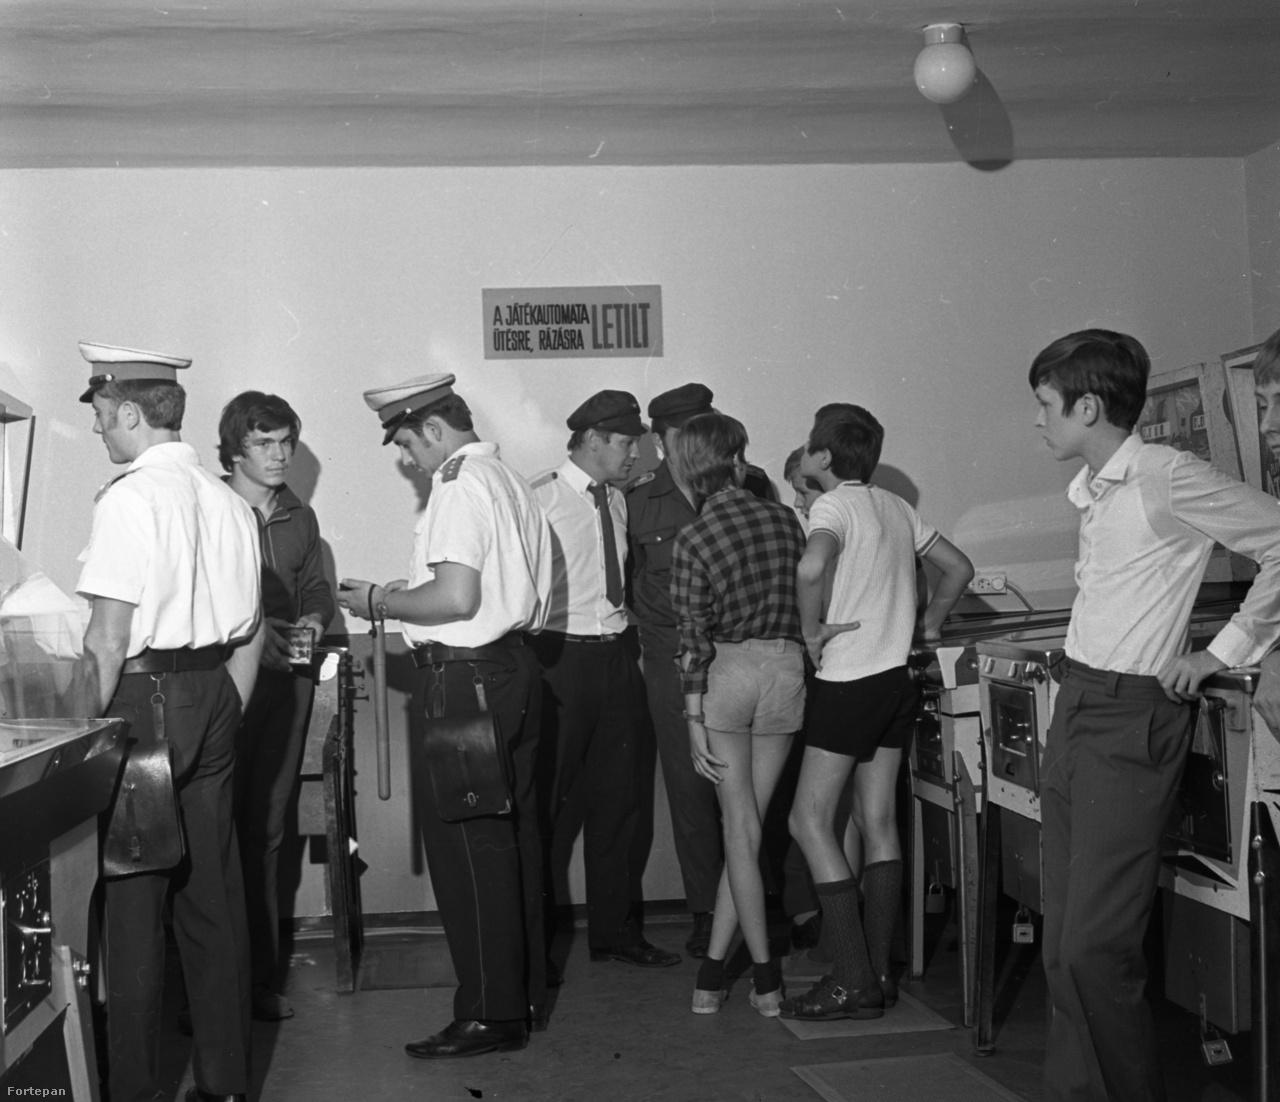 Az 1962-ben megnyílt a Játékpresszó a József körúton. A presszóban volt  rex- és karambolasztal, erőmérő, lehetett flipperezni és csocsózni, sőt volt egy Totofix nevű csoda is, amin egy elektromos számtábla mutatta az eredményeket. A helyet a szabadidő kulturált és kontrollált eltöltésének céljával hozták létre, csak 16 éven felüliek látogathatták, sört igen, bort és rövidet viszont nem lehetett fogyasztani. Ennek ellenére a hely hamar züllésnek indult, a rendőrök szinte mindennap razziáztak, míg 1972-ben be is zárt.